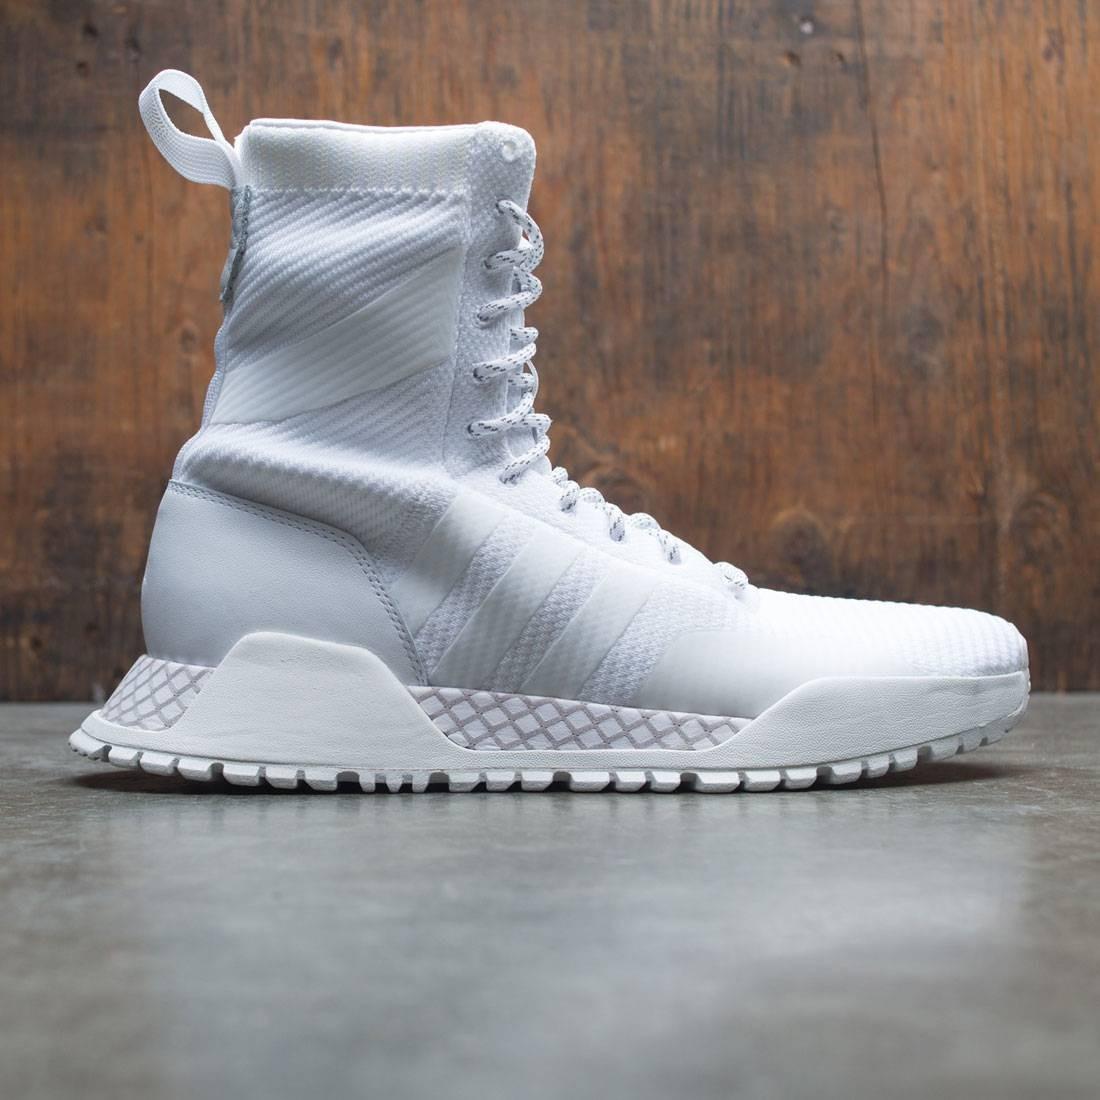 【海外限定】アディダス 白 ホワイト ビンテージ ヴィンテージ 1.3 靴 メンズ靴 【 ADIDAS WHITE VINTAGE MEN F PRIMEKNIT FOOTWEAR 】